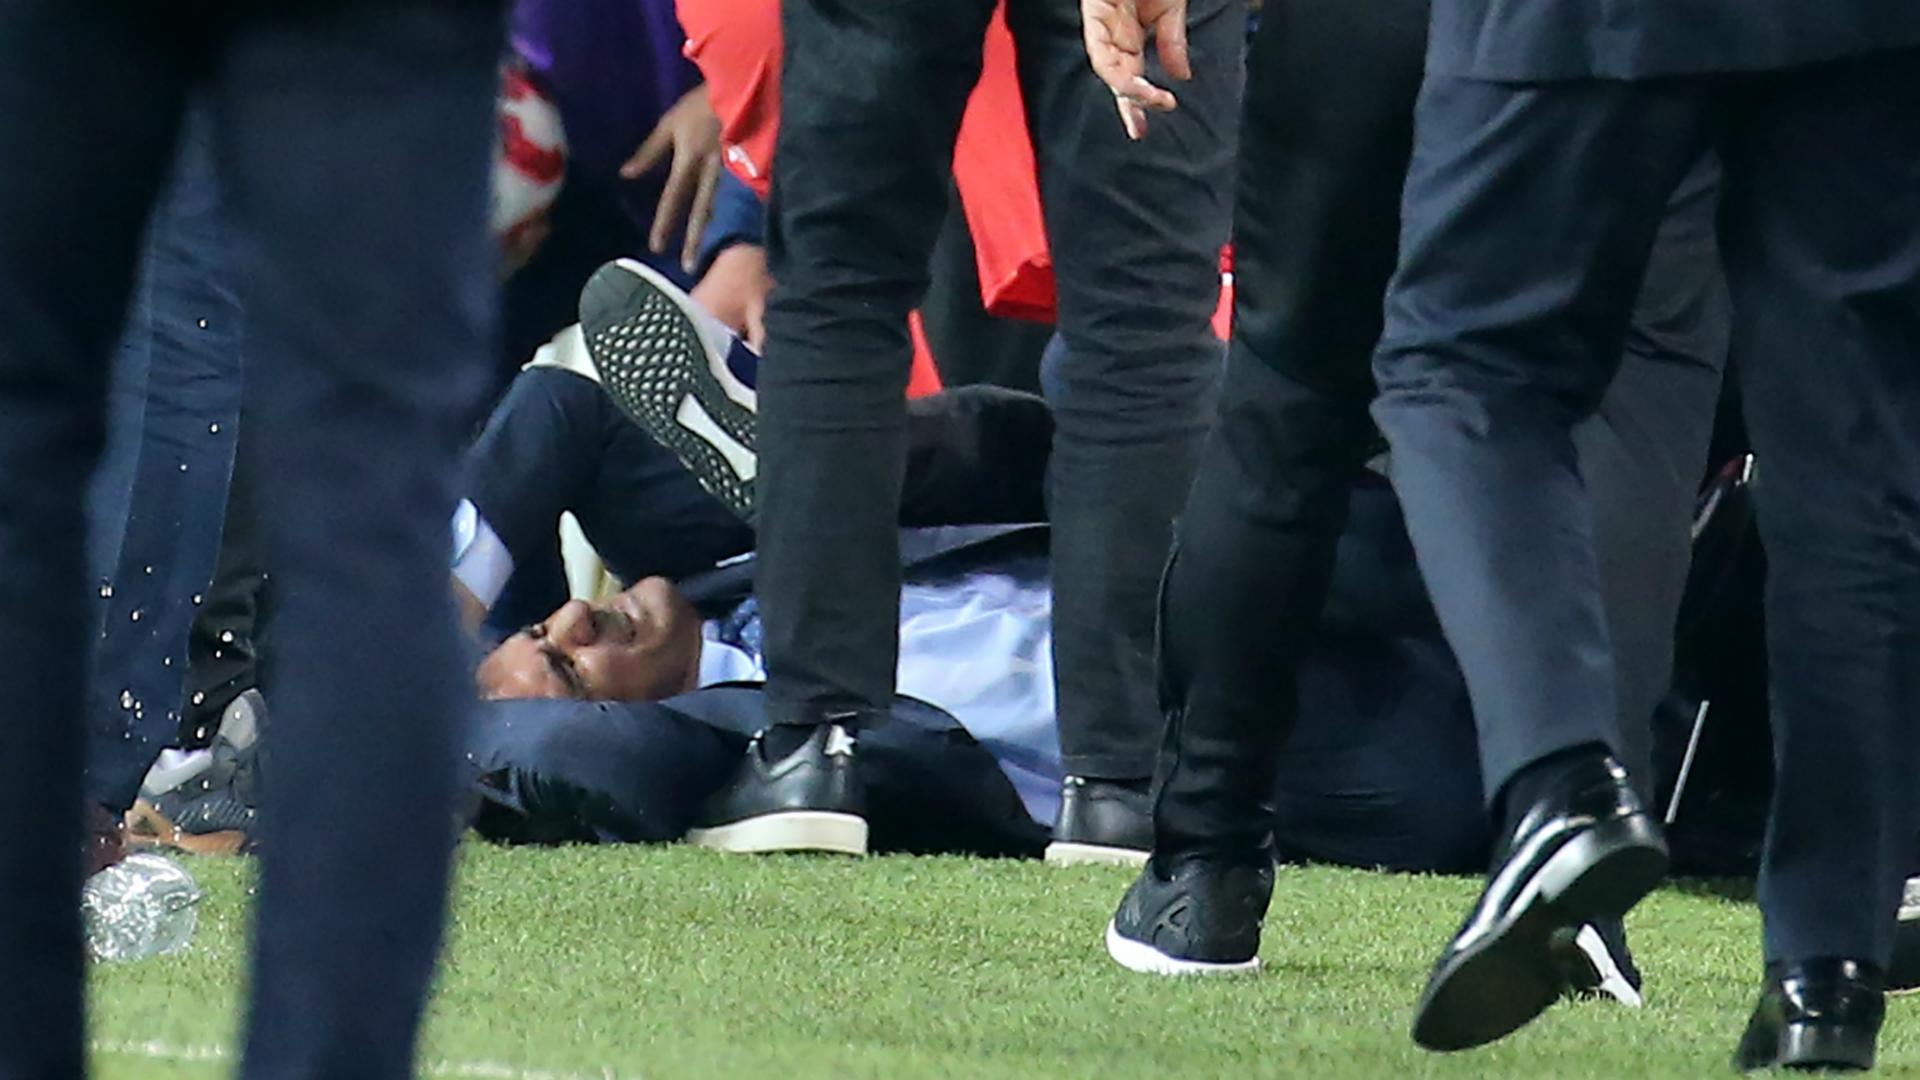 Clamoroso in Turchia: ferito l'allenatore del Besiktas, sospeso il derby di Istanbul